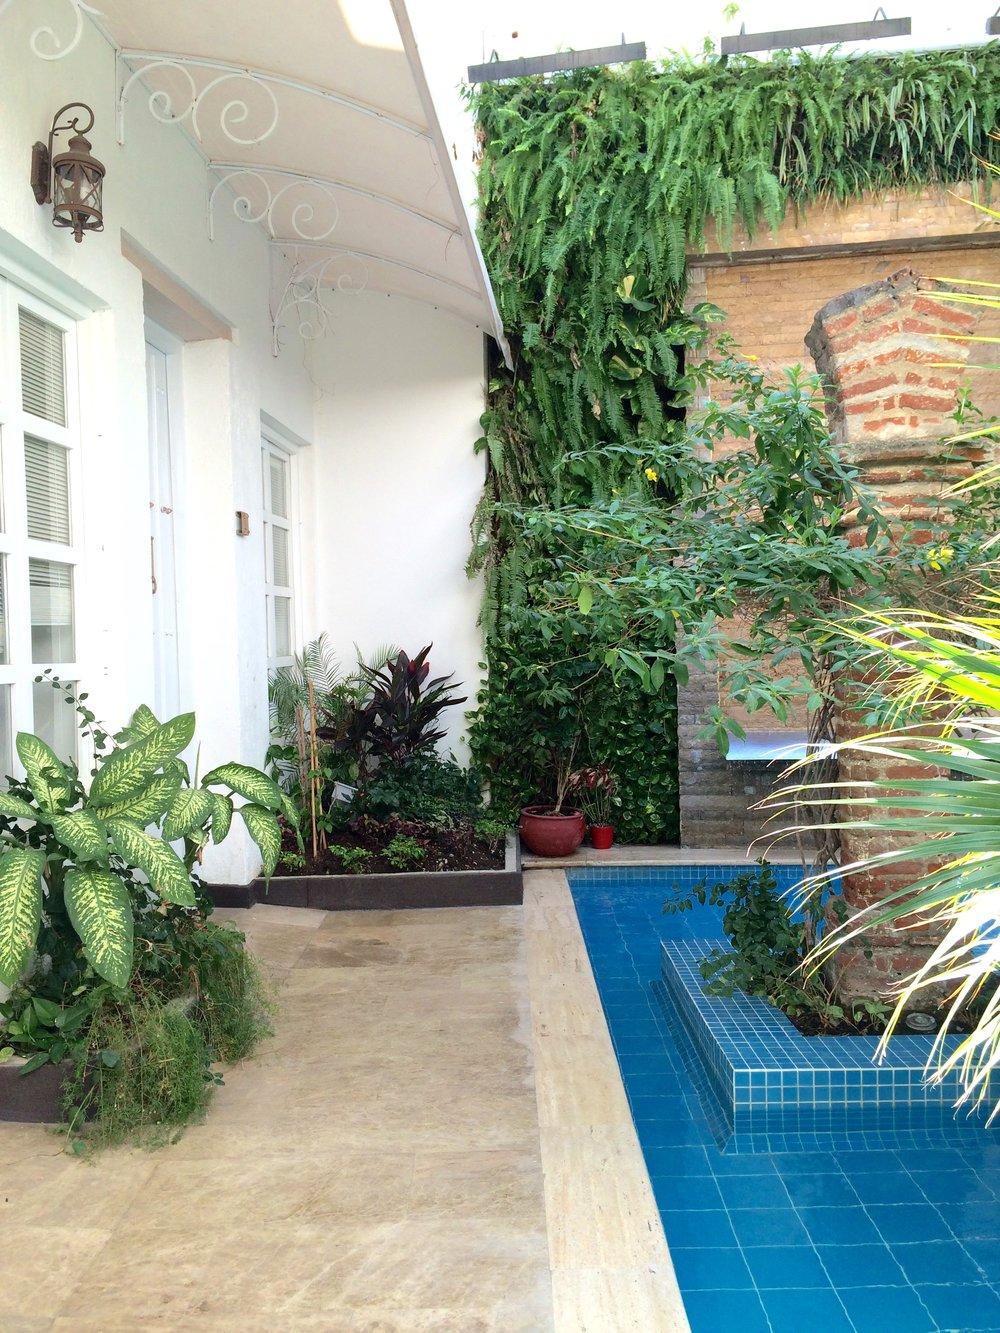 Georgia Ezra Interior designer Hotel Design Santa Marta Columbia Exterior pool .jpg